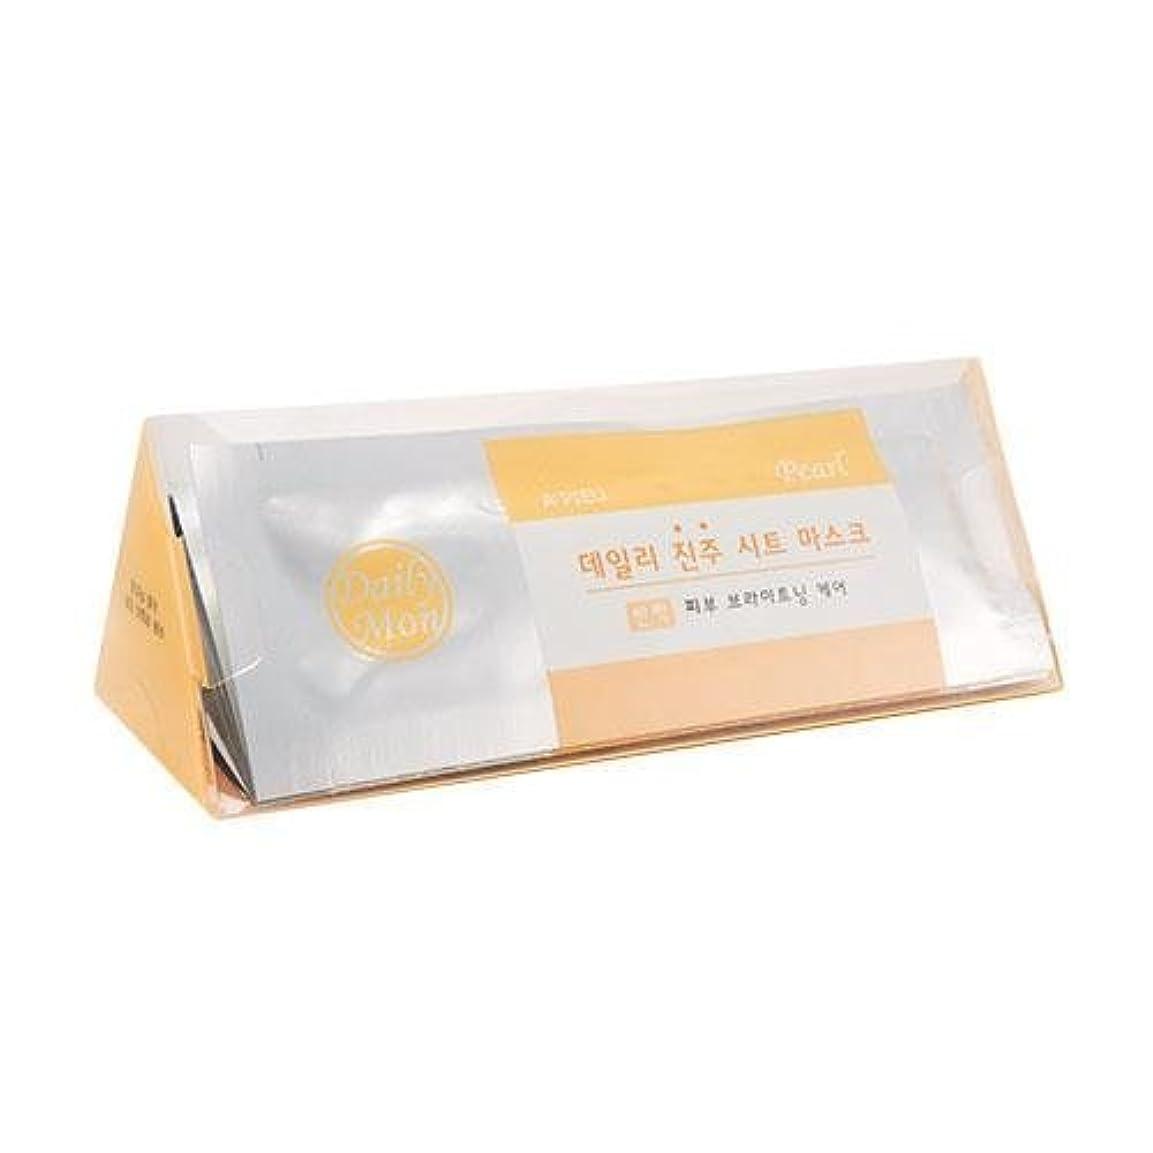 忘れる害コレクションAPIEU Daily Pearl Sheet Mask (7EA)/ Made in Korea